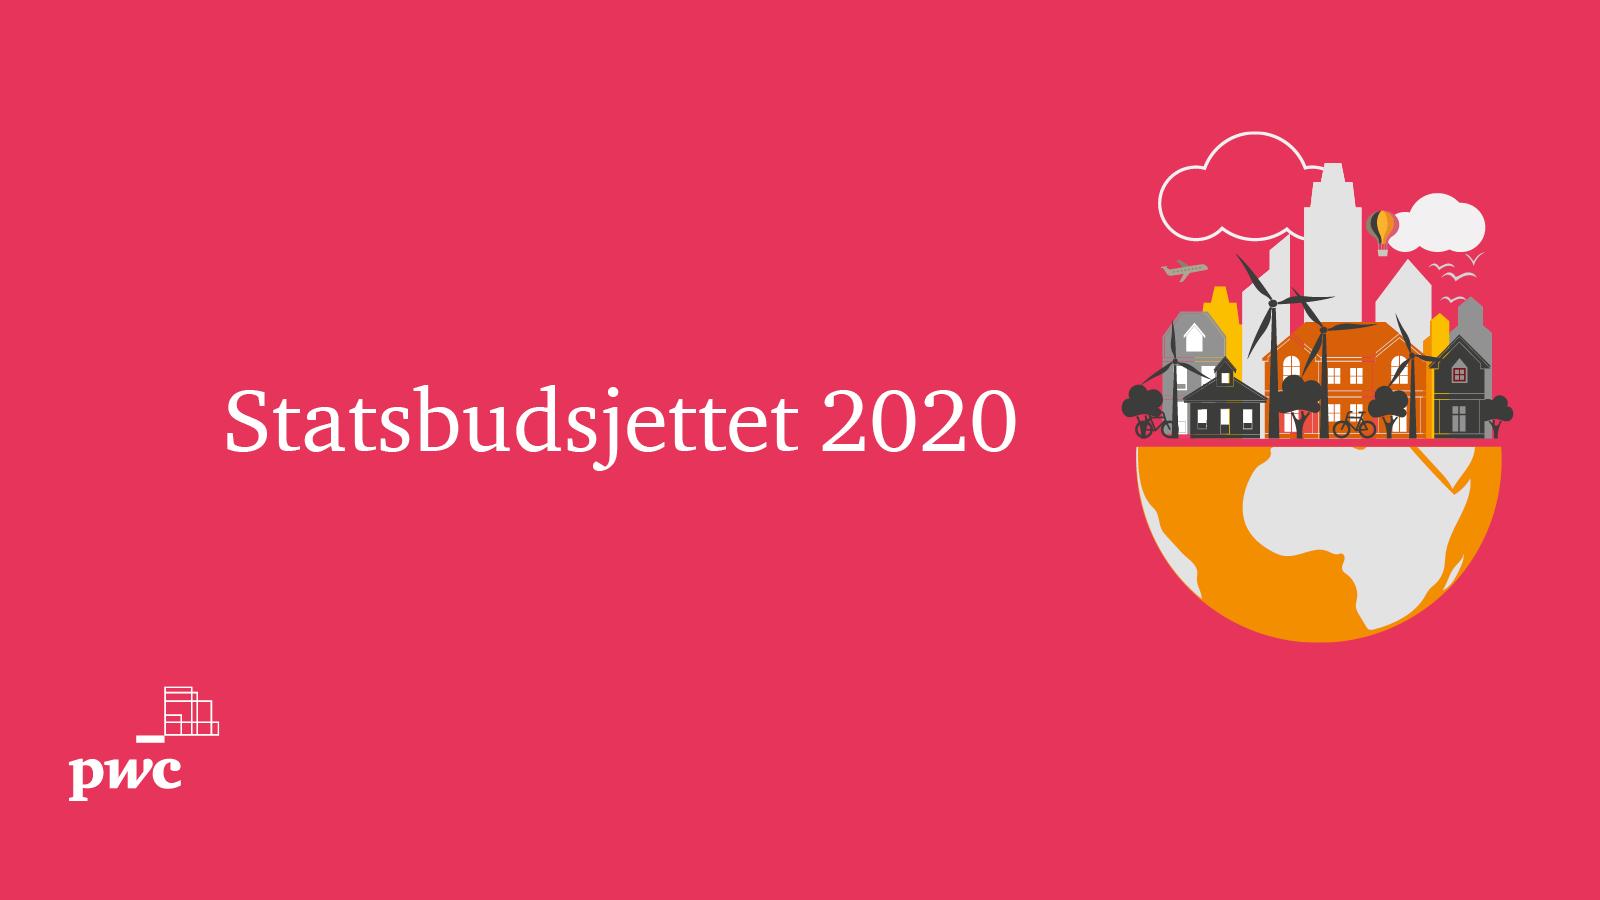 Statsbudsjettet 2020 SoMe